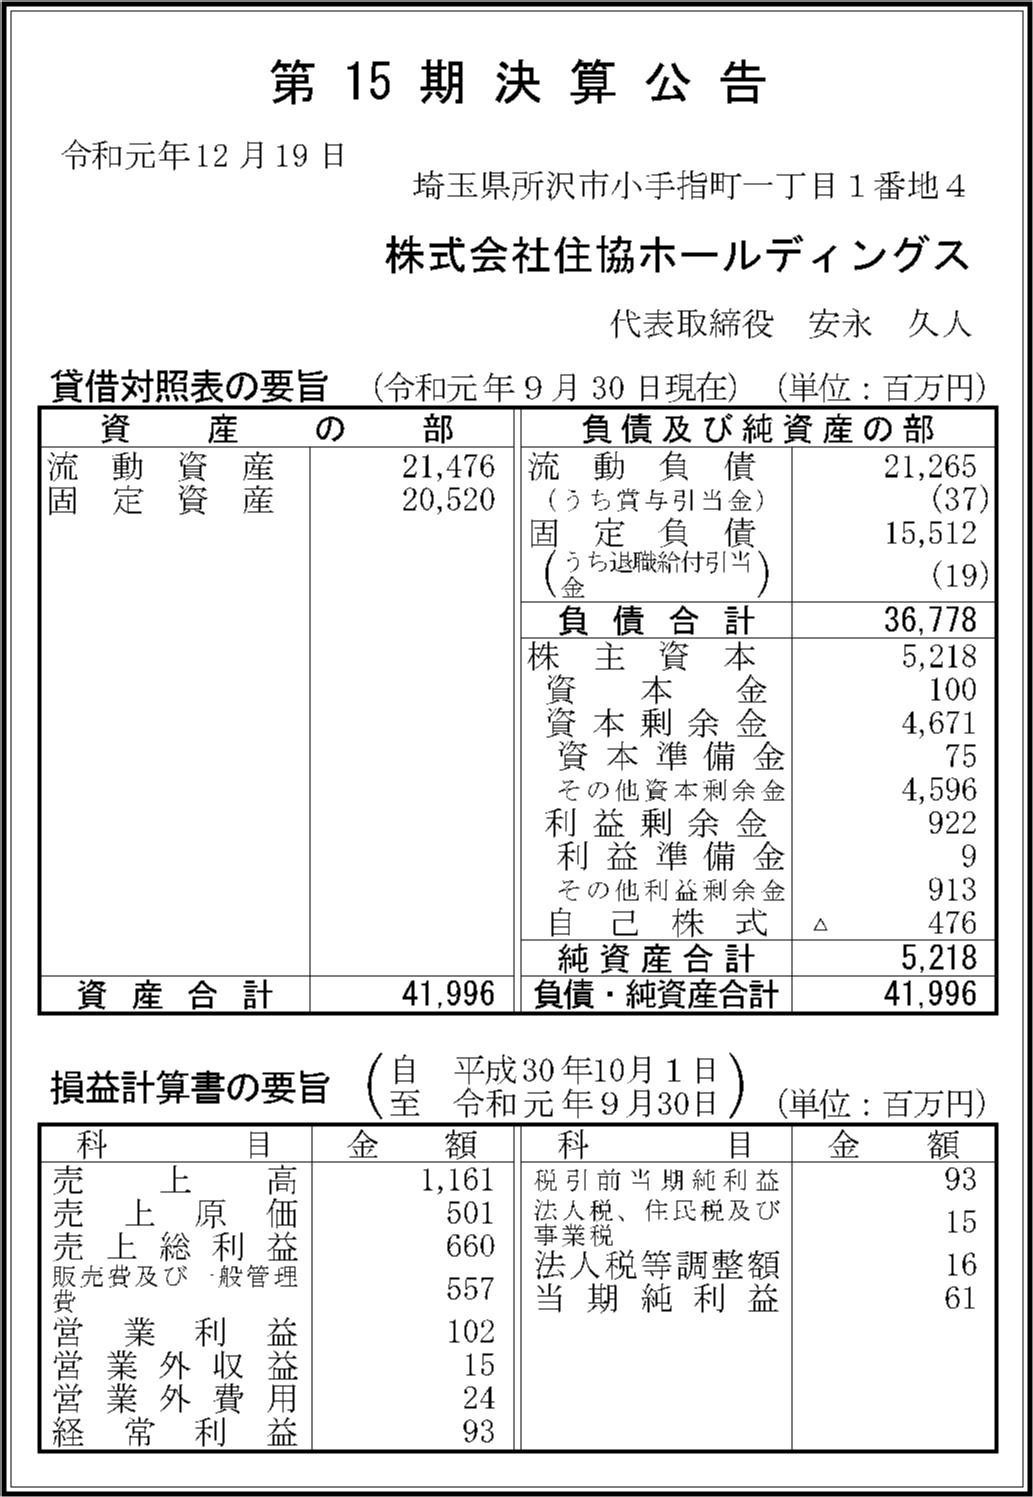 0063 2e37c9c71cd9cd026ff72fb893cadb40265f748db6f7957ea5216a451f445b7f1bd97012eef0bae3fee11df831241786d983bdb62e2dfc8b5bb603a793c7e9bf 01